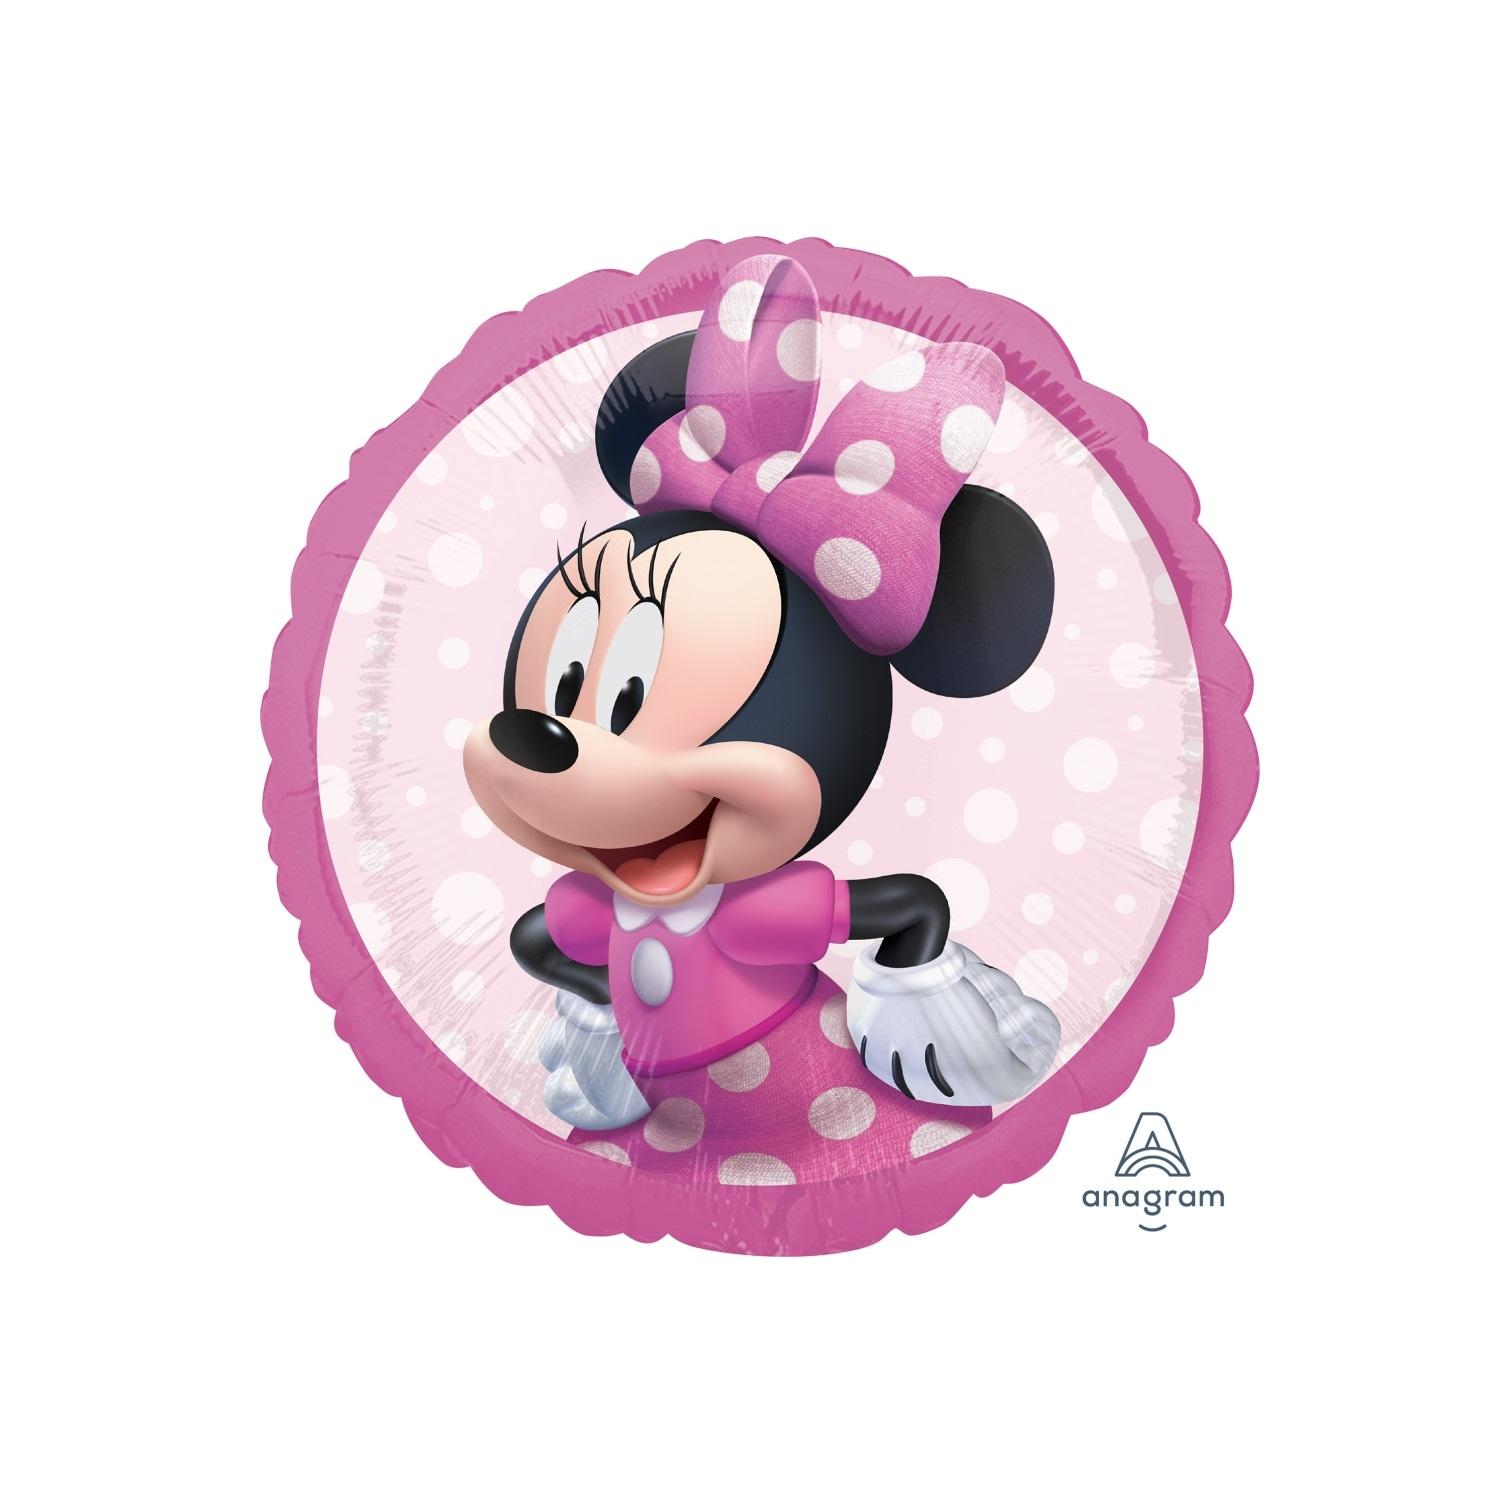 balon-anagram-18-minnie-maus-forever